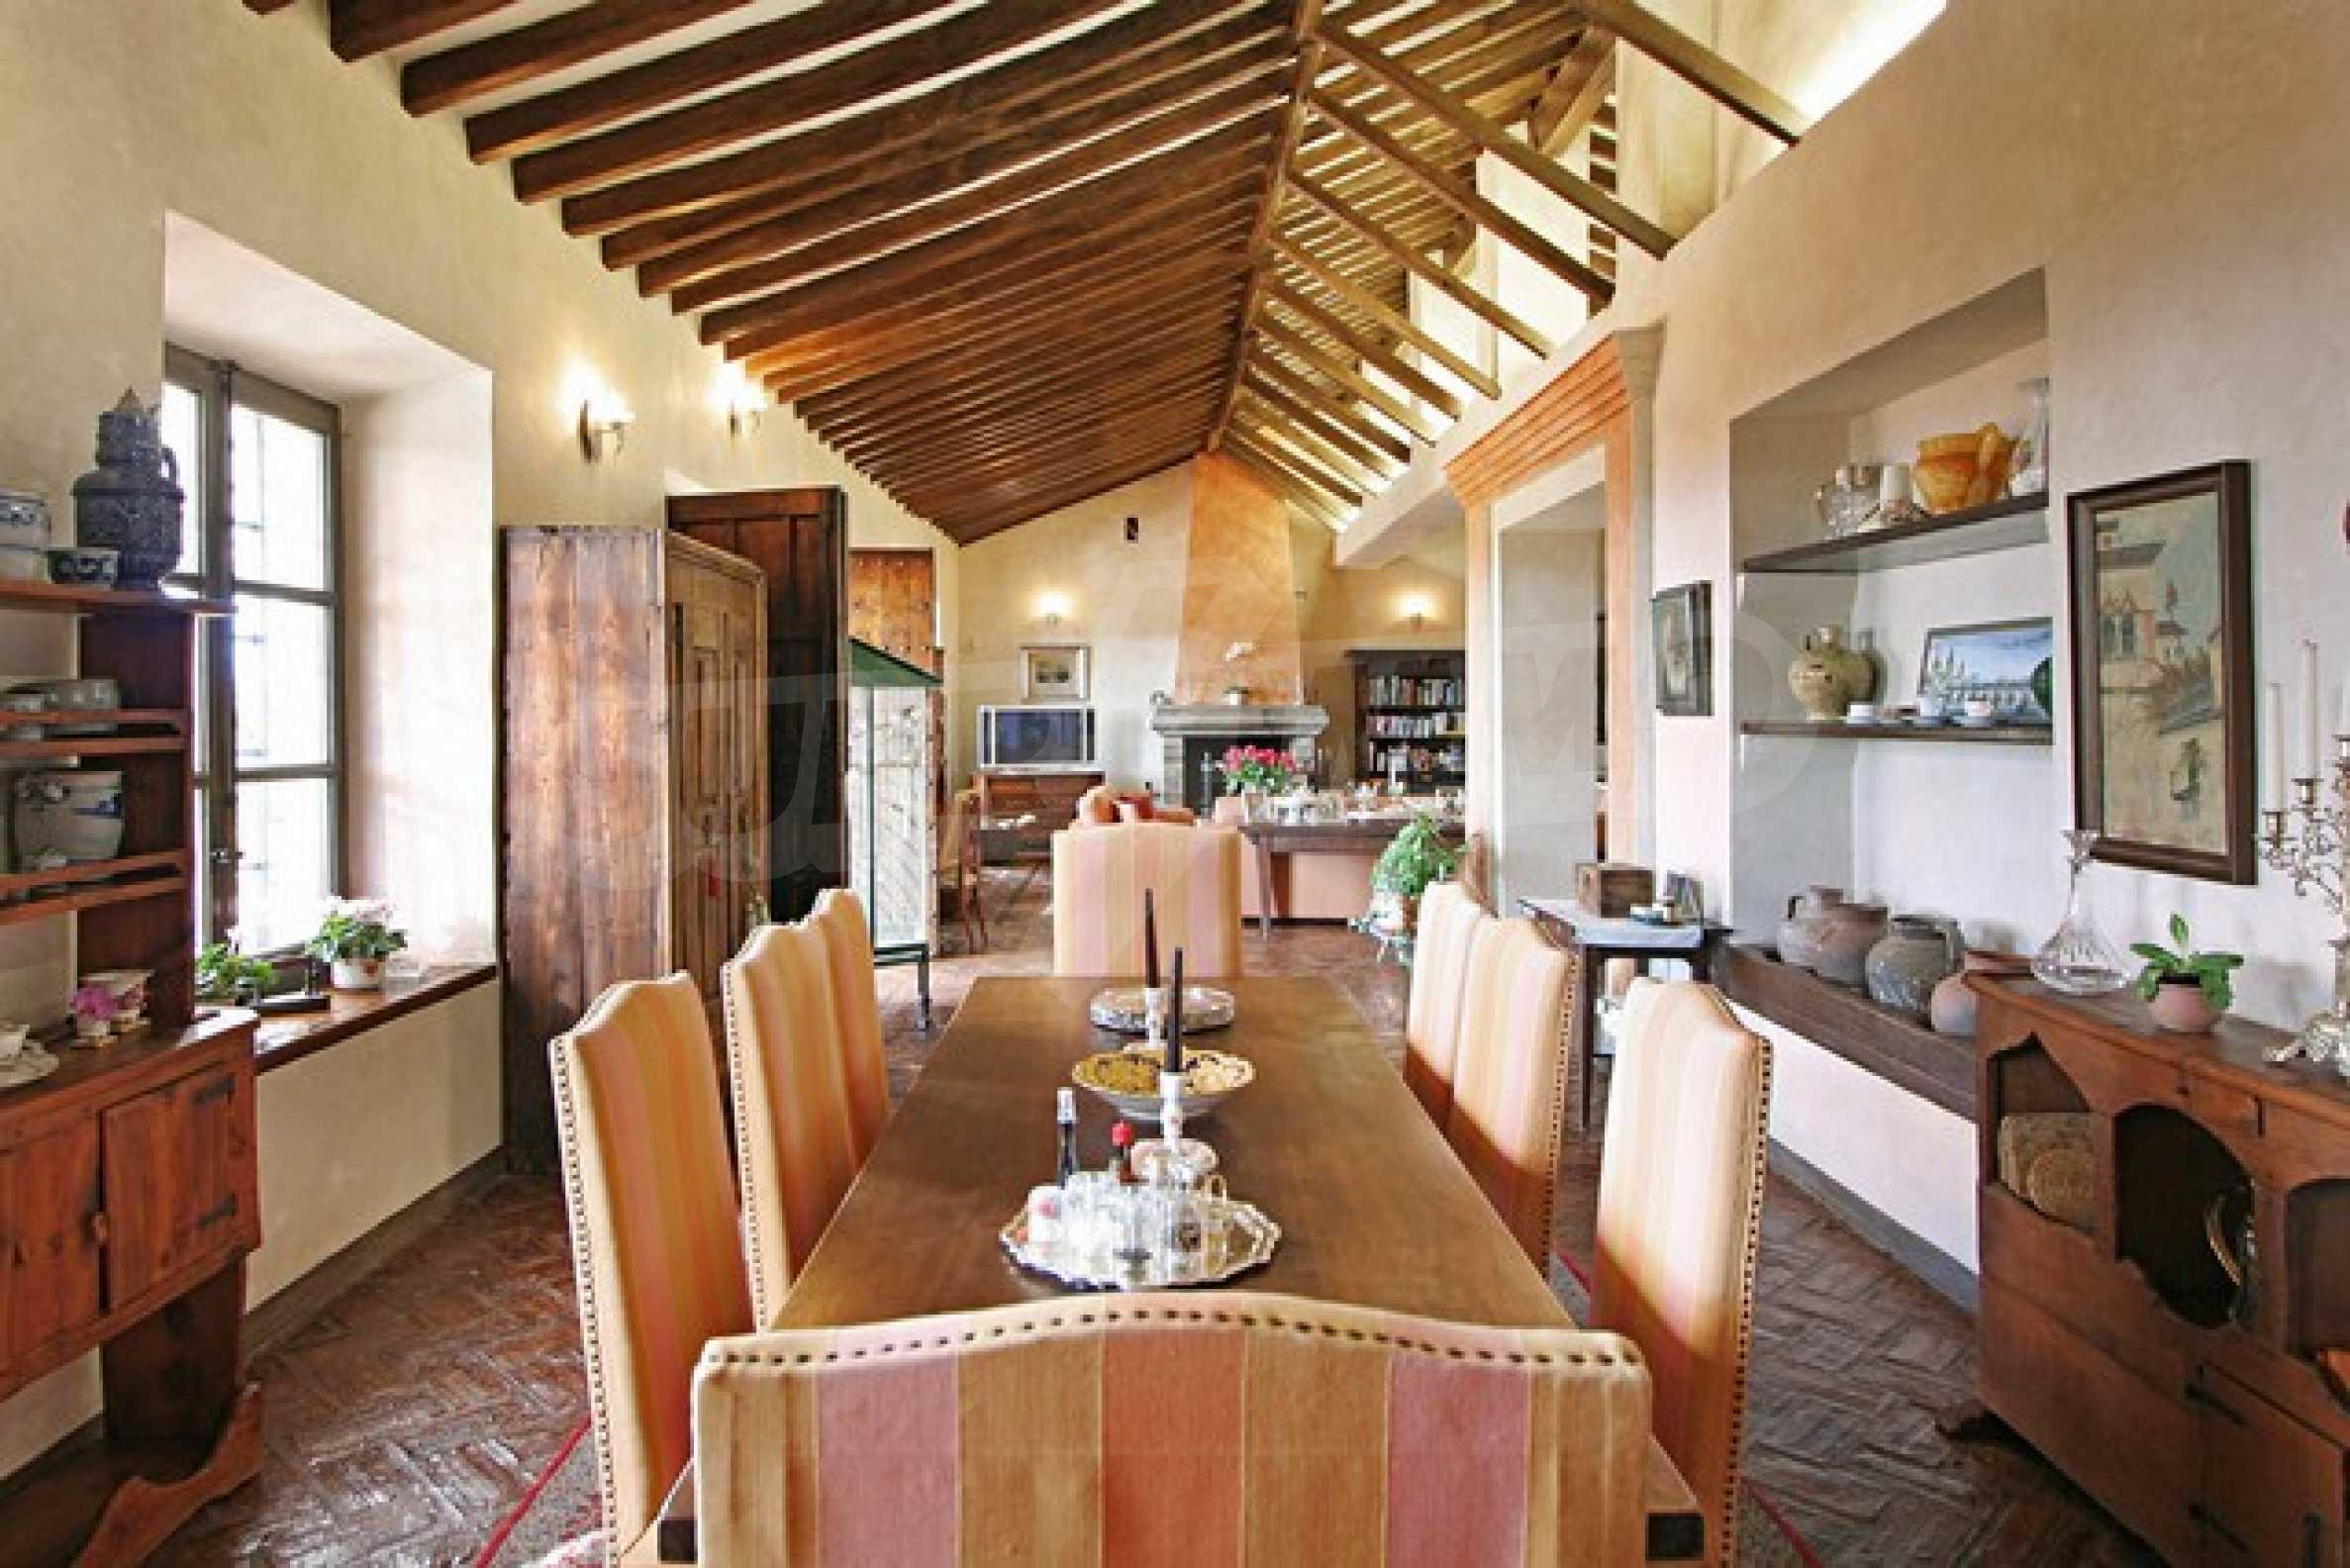 Къща в испански стил 16